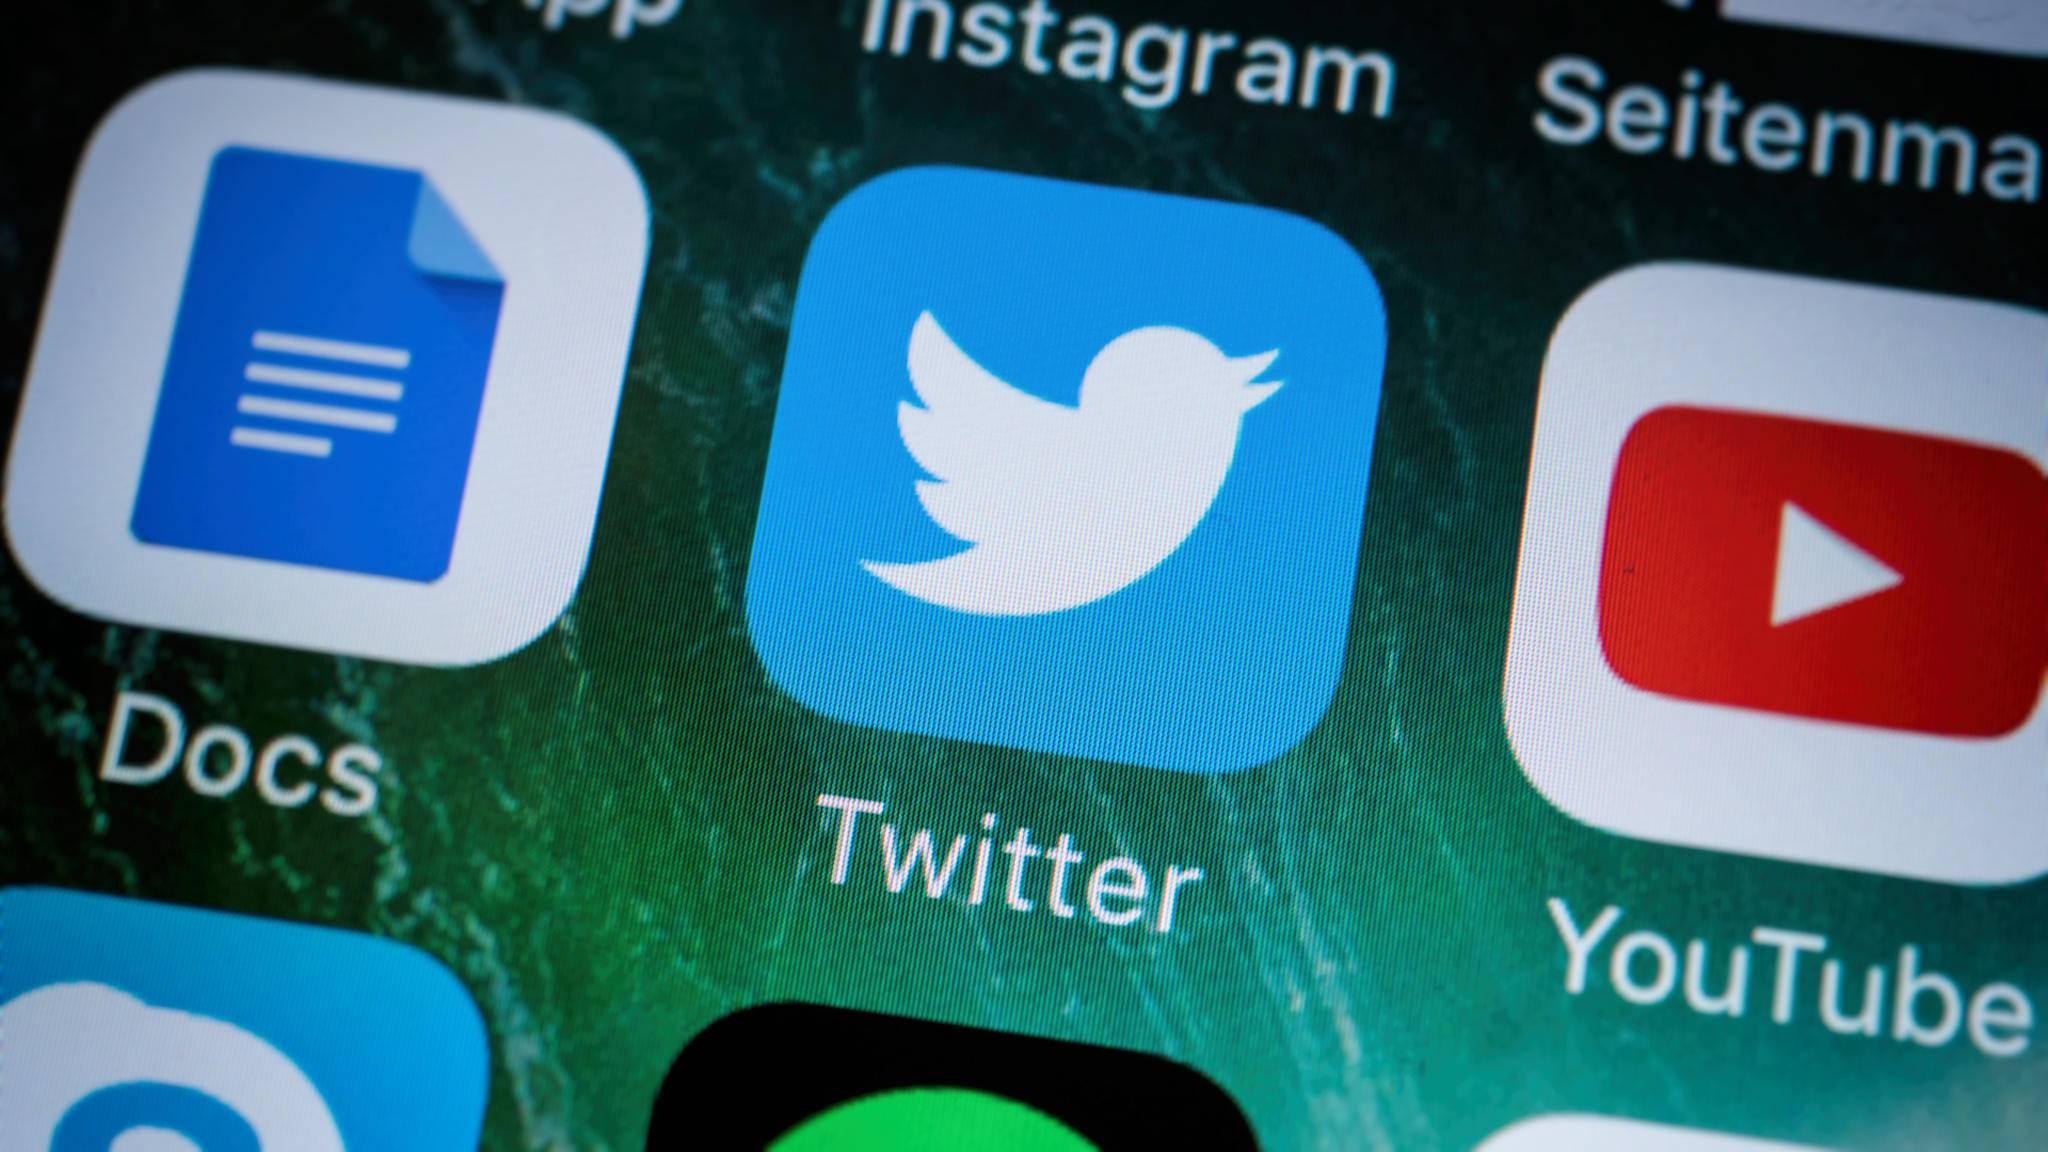 Zukünftig können Twitter-Nutzer doppelt so viele Zeichen tippen.